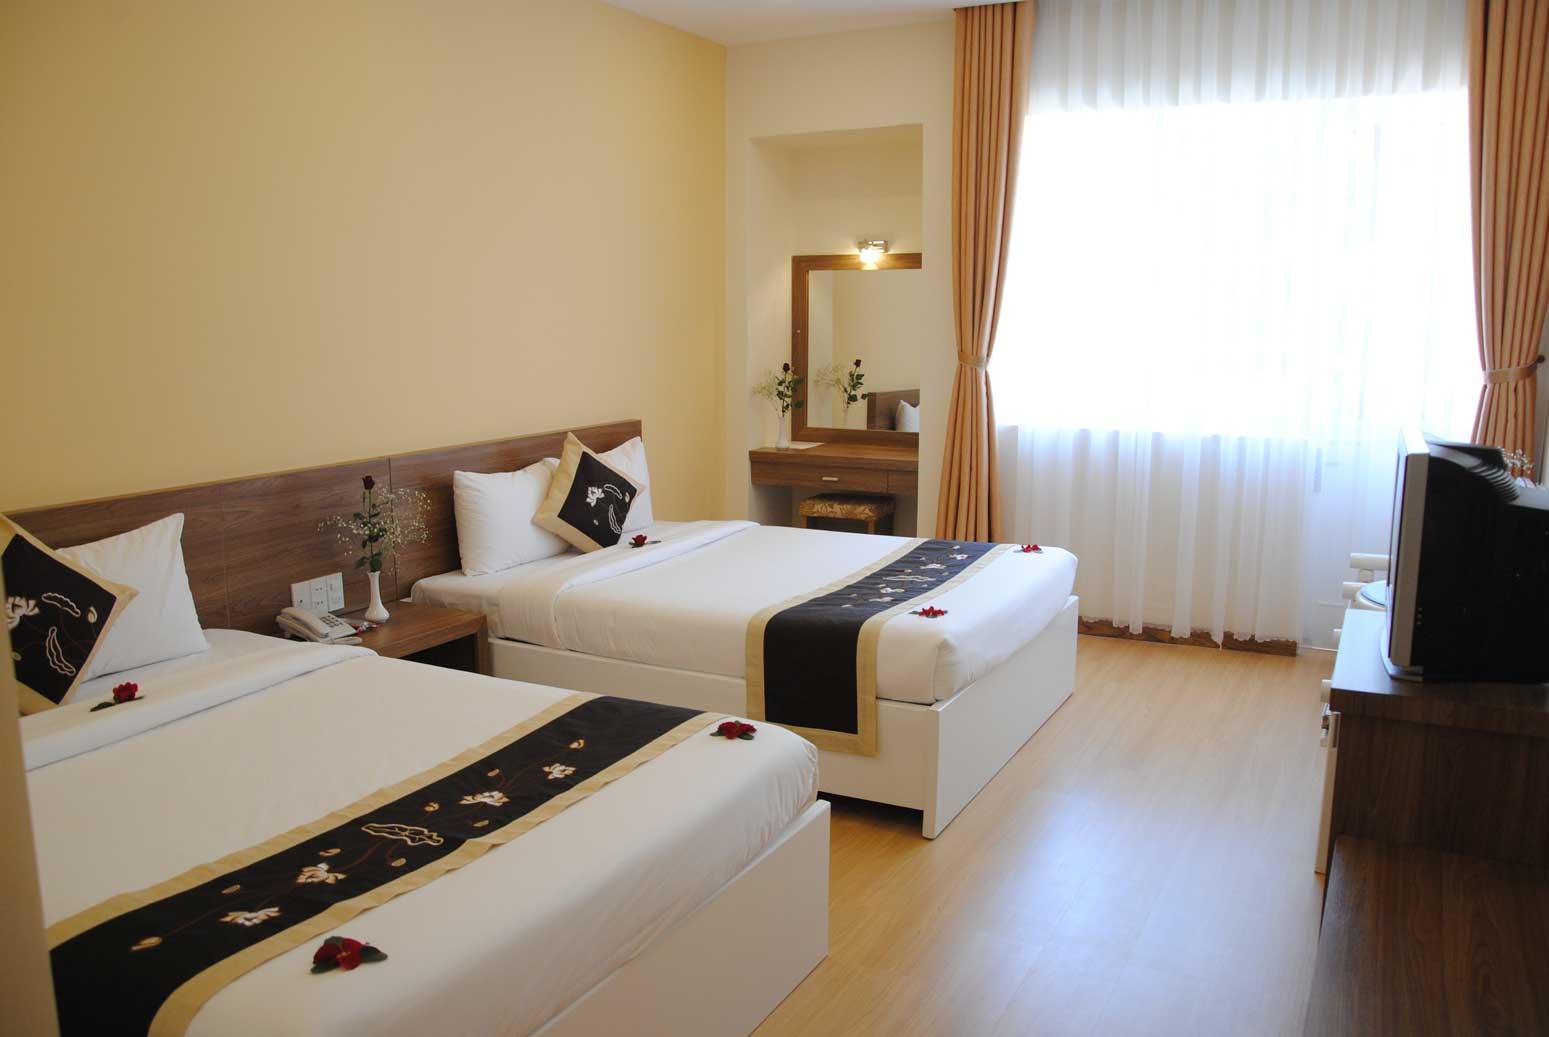 Khách sạn đẹp đường Nguyễn Thị Minh Khai Đà Lạt